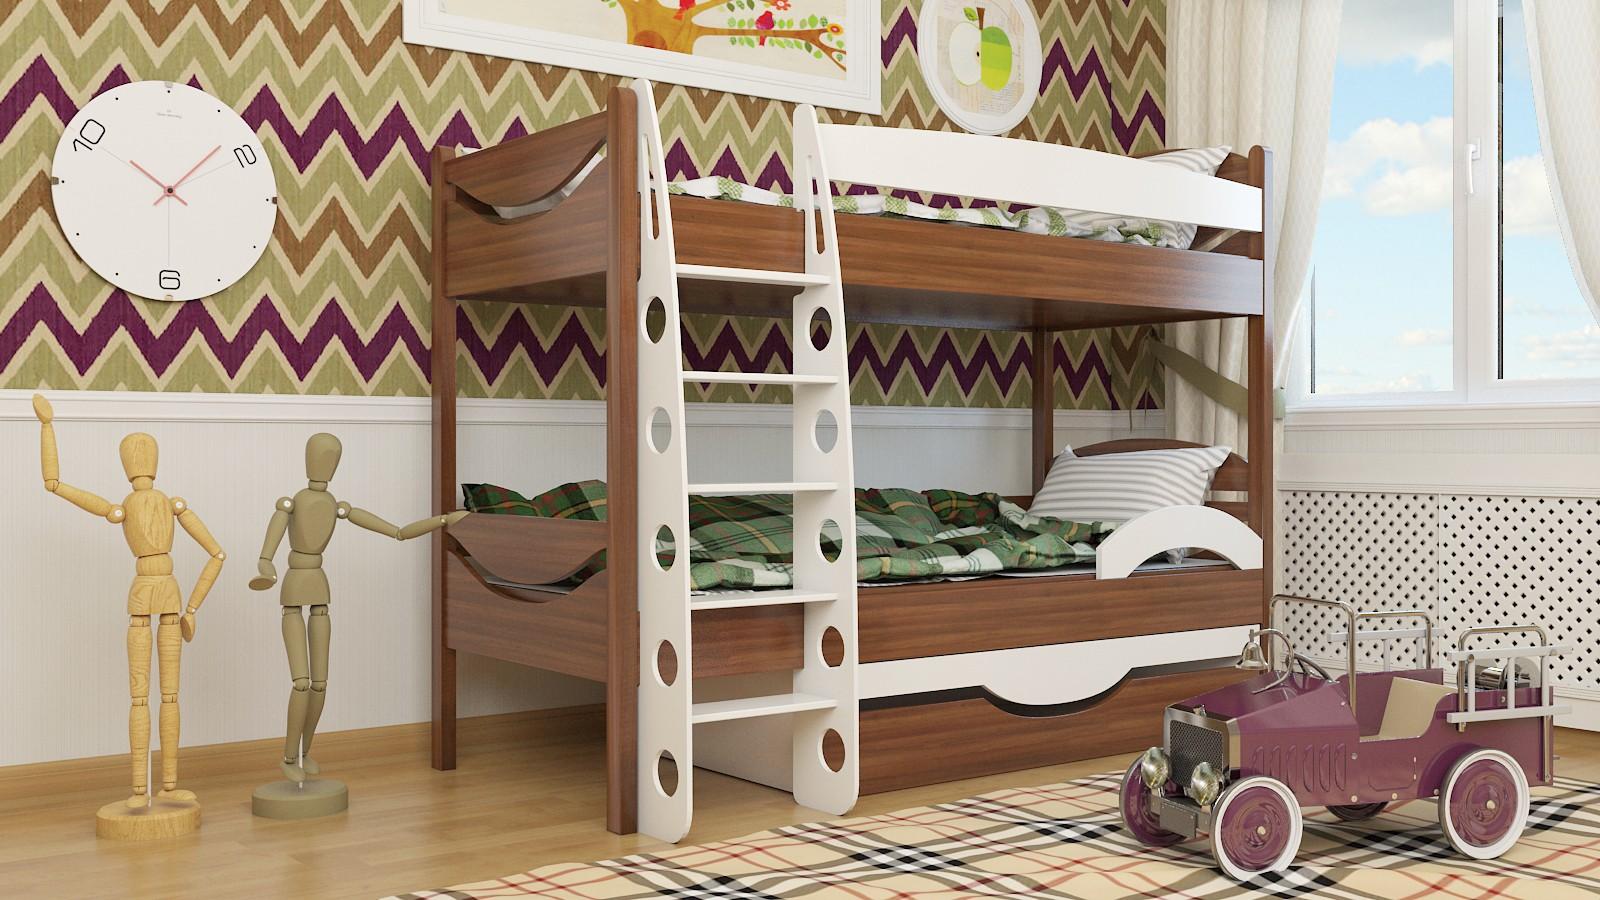 """Двухъярусная кровать """"Эни-Бэни"""" KDEDUB детская для мальчиков и девочек детей от 2-3 лет"""